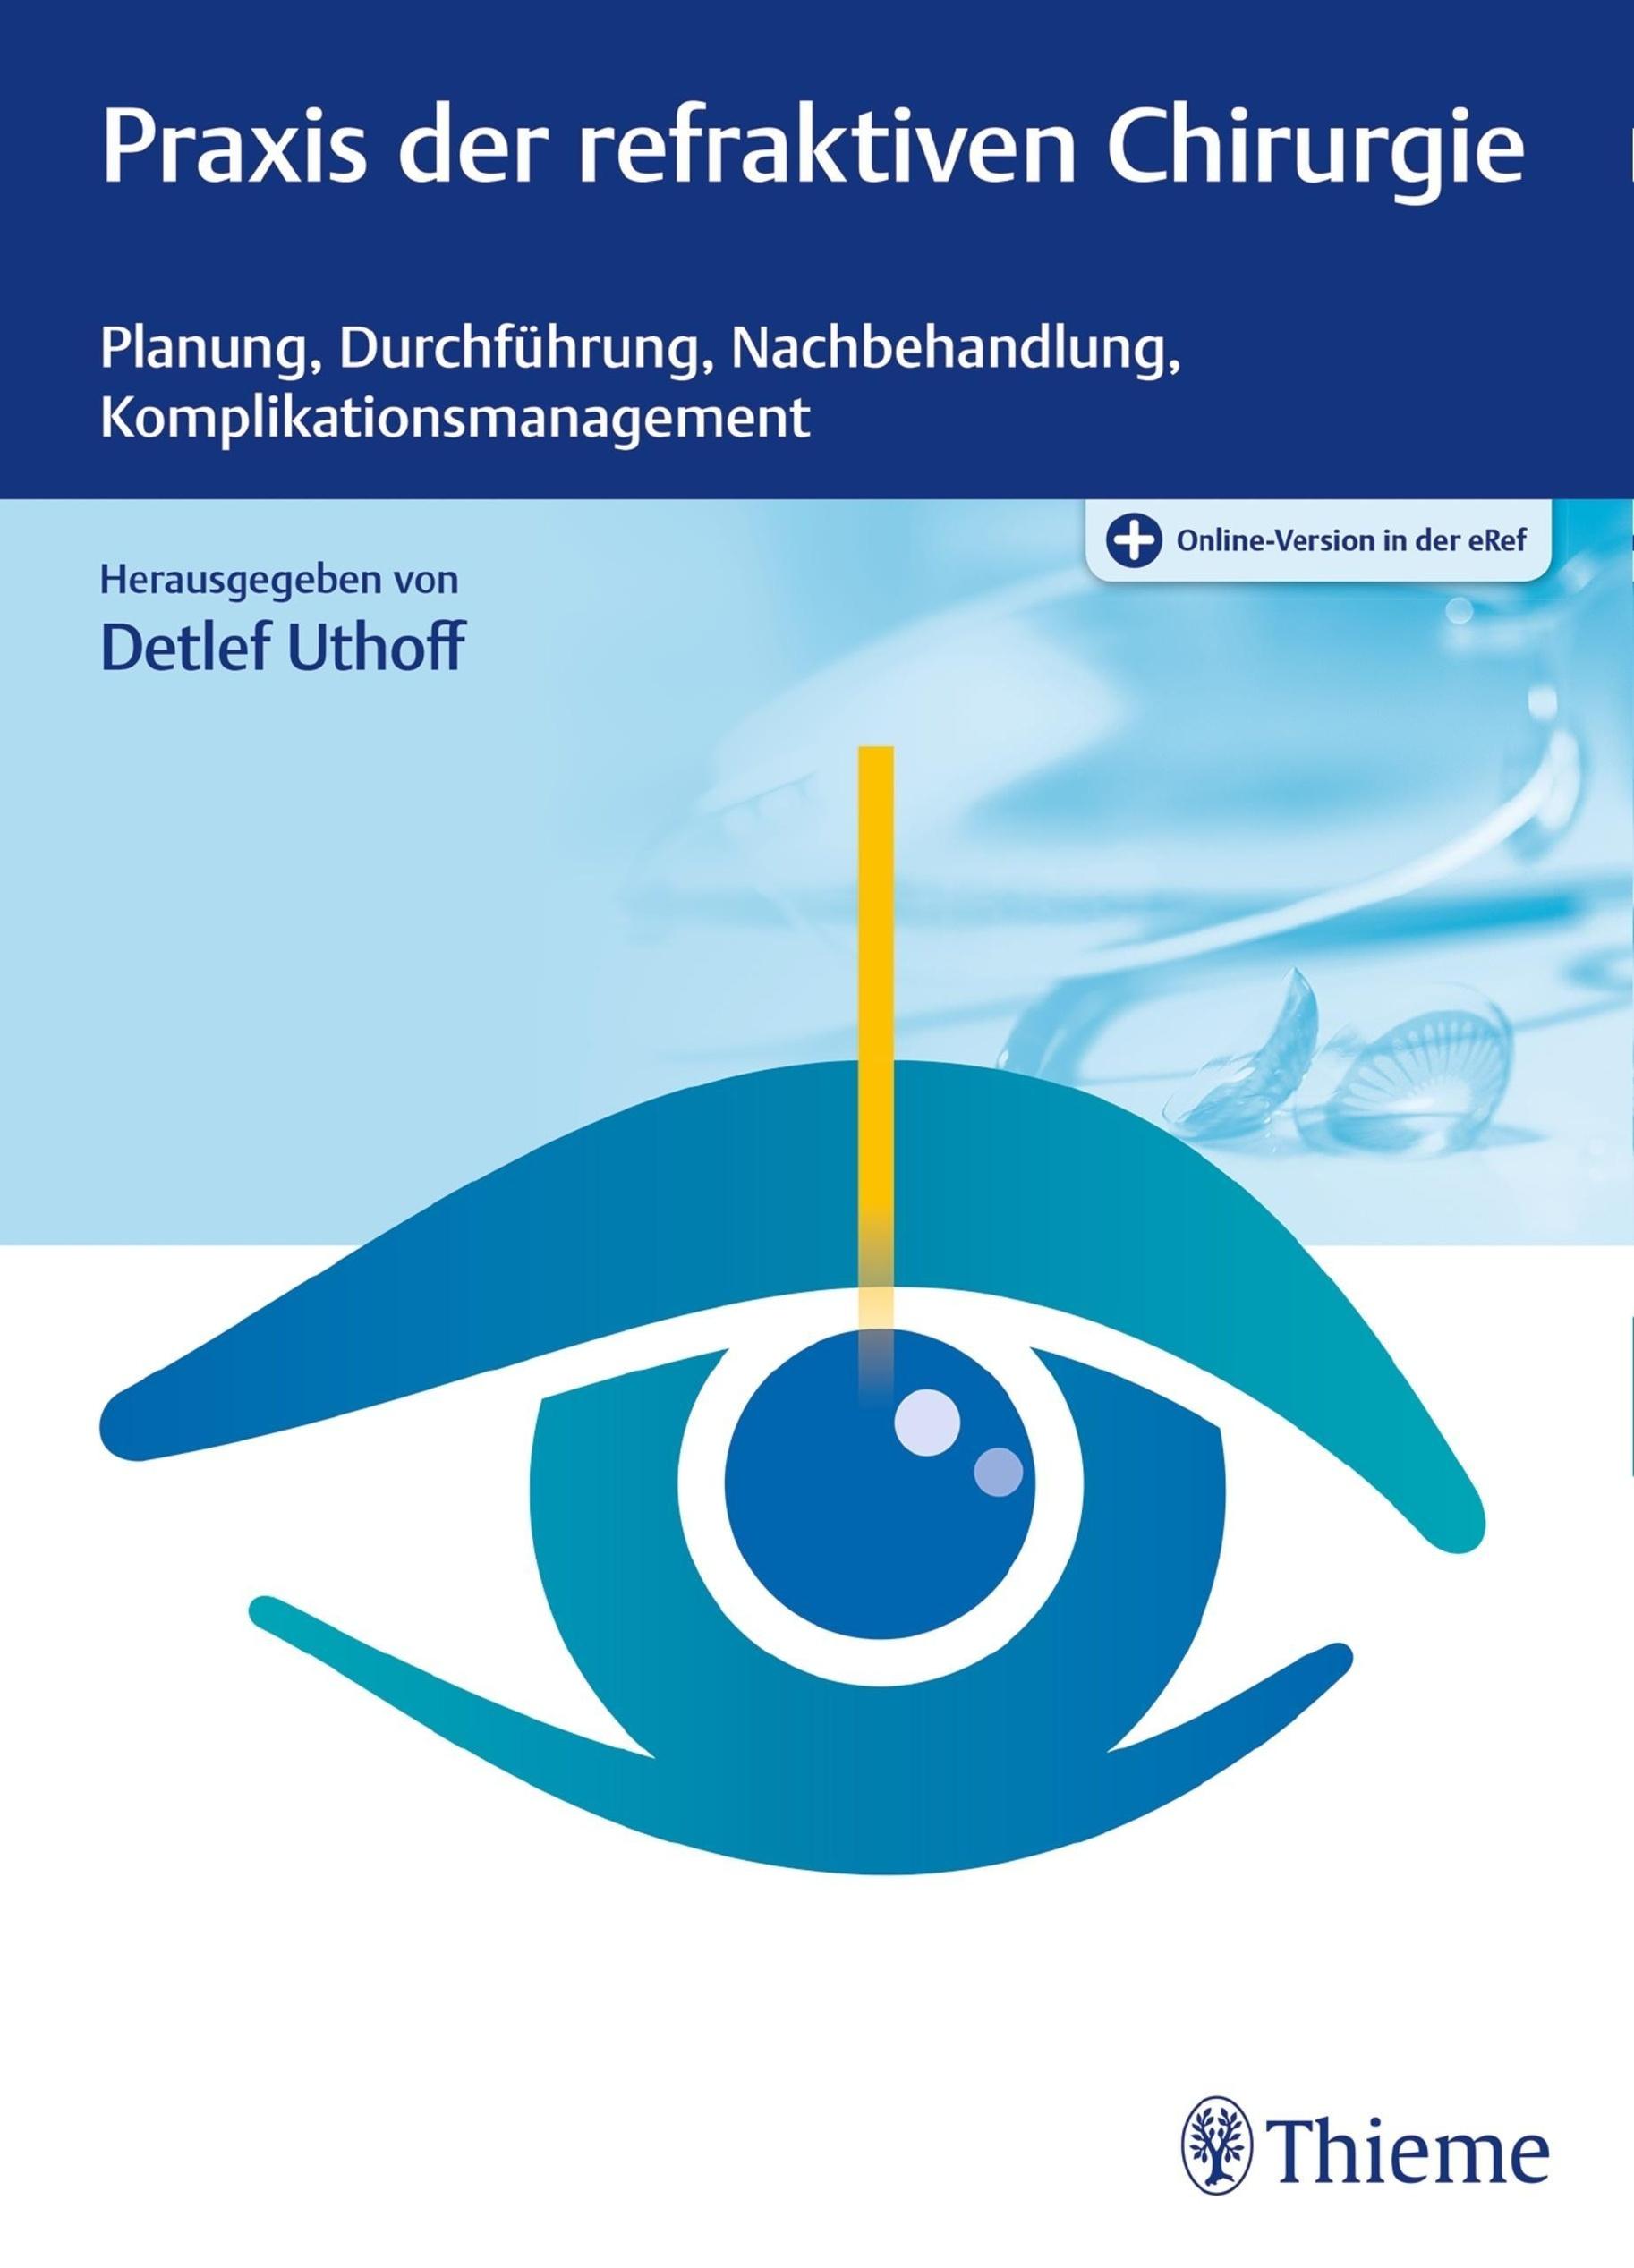 Dissoziierte Diät pdf kostenloses Buch pdf